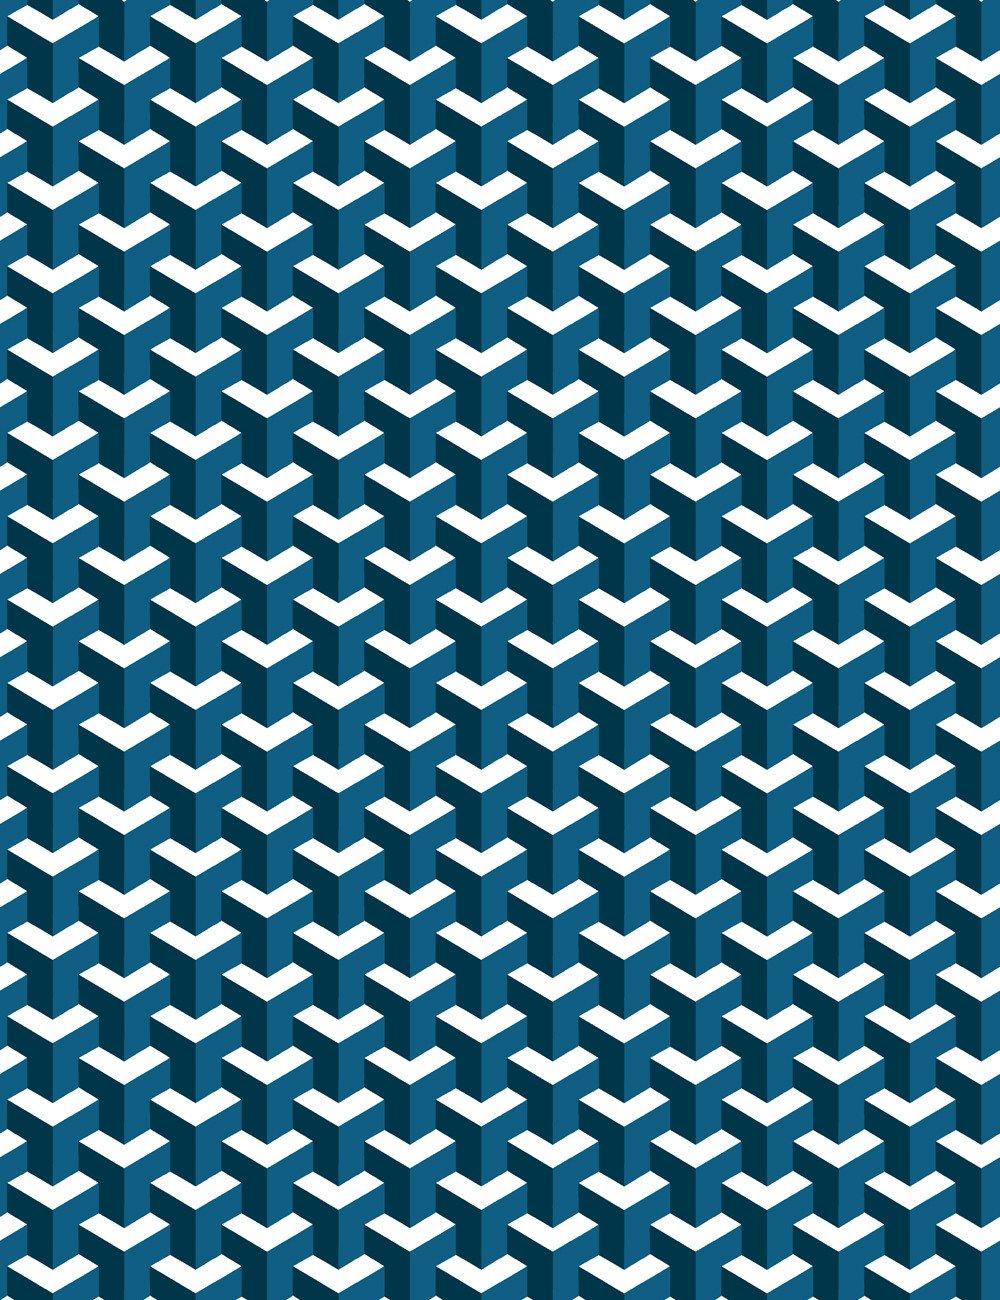 Y_NOT_Indigo-Cadet-Blue_4b9bf6d7-a7a2-42cf-a3a8-1de193e092e3.jpg